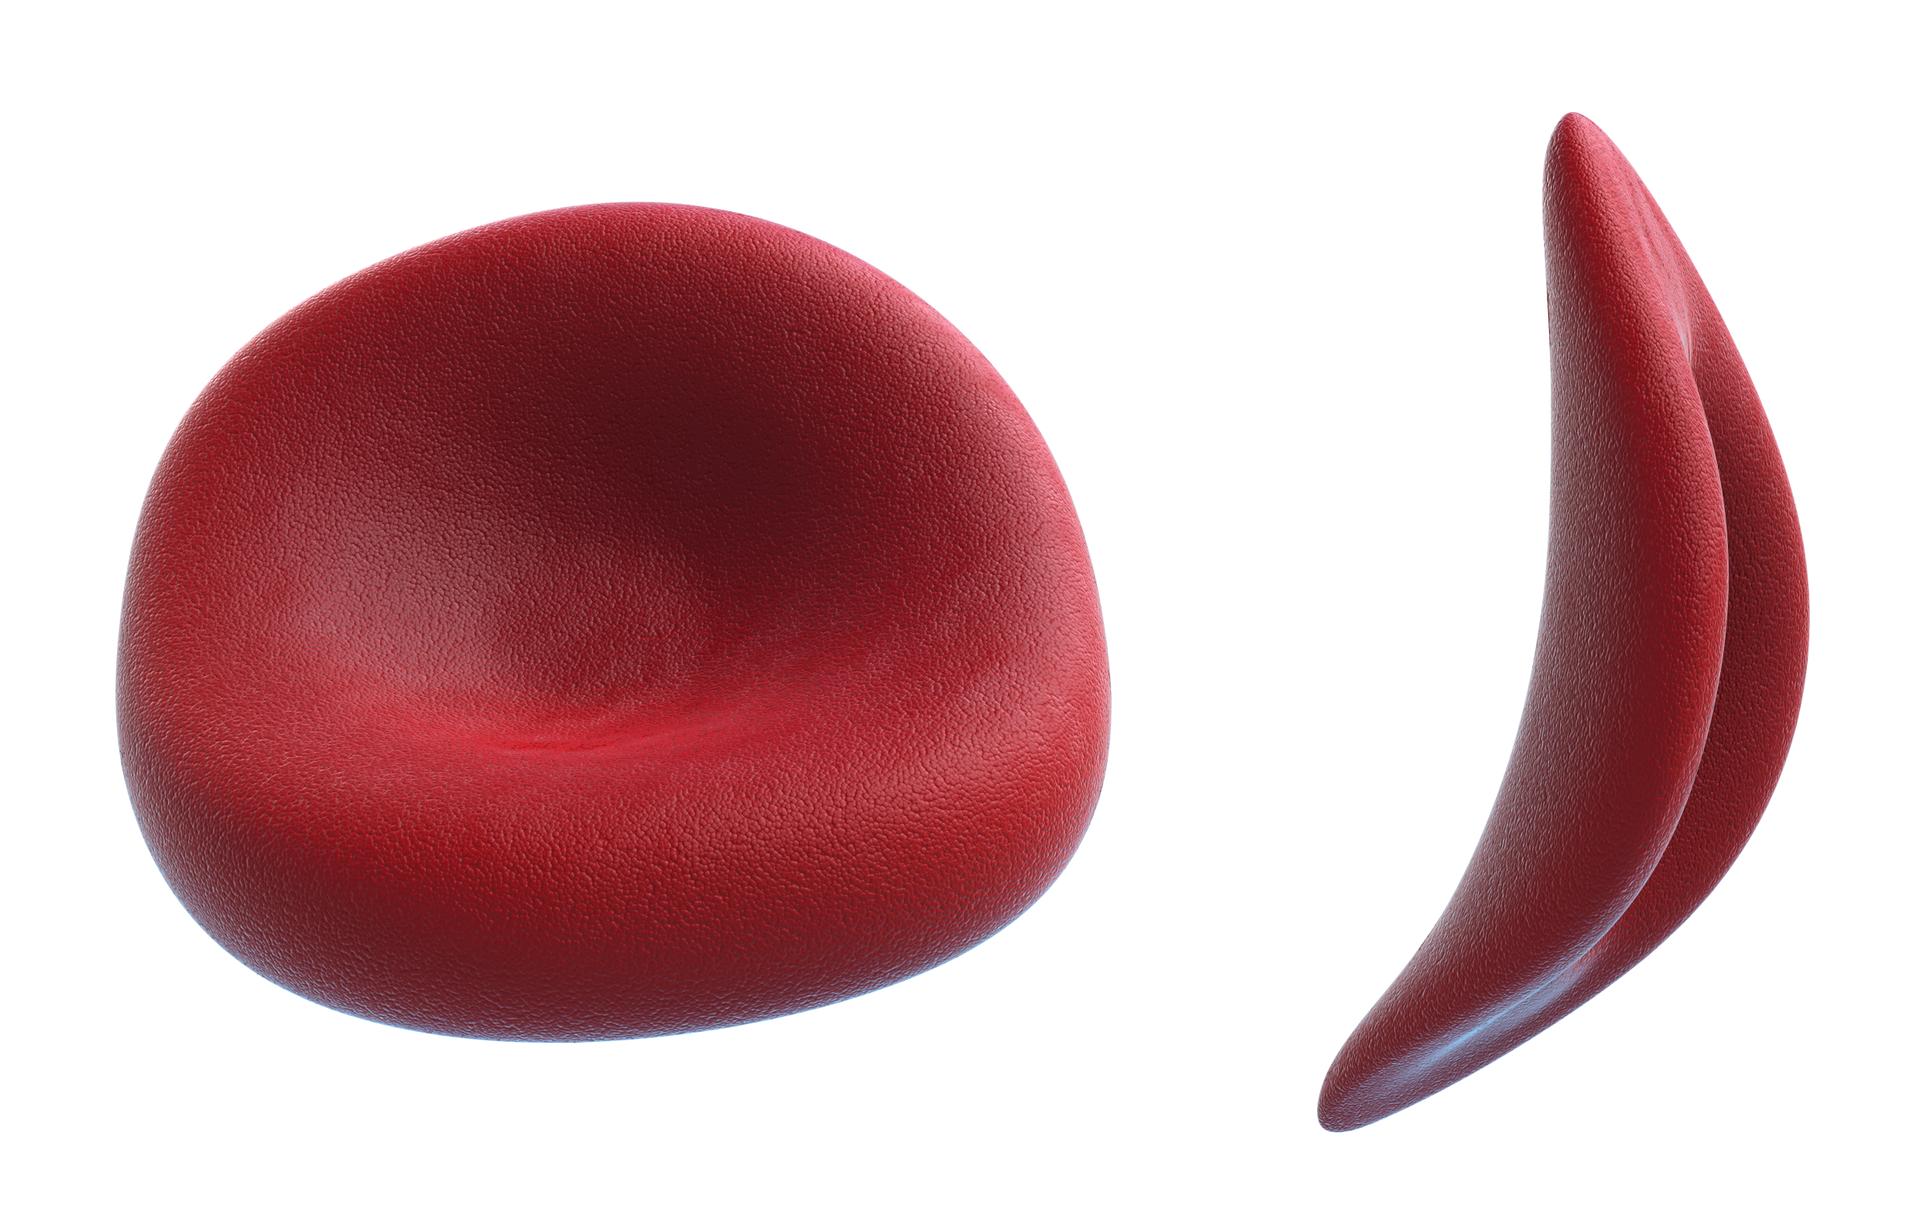 """Krwinka po prawej stroniema normalny kształt, jest dwuwklęsła. Nieprawidłowwq krwinka po prawej stronie jes """"zgięta""""."""